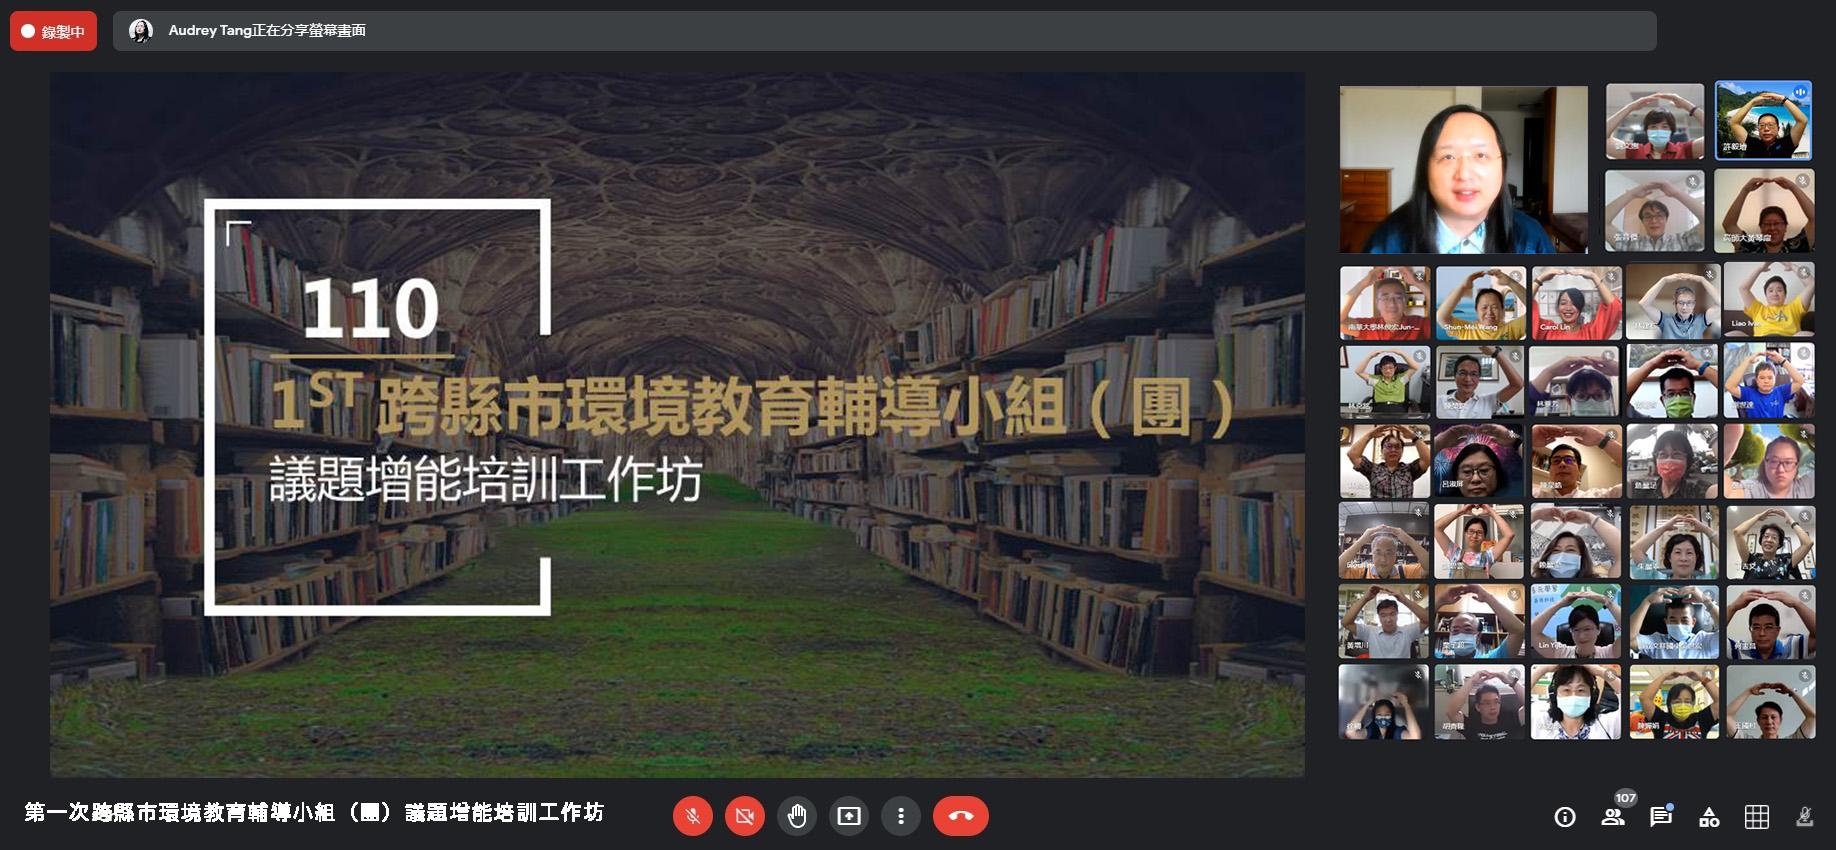 邀請行政院唐鳳政委線上暢談學校永續發展議題與教學創新_大圖